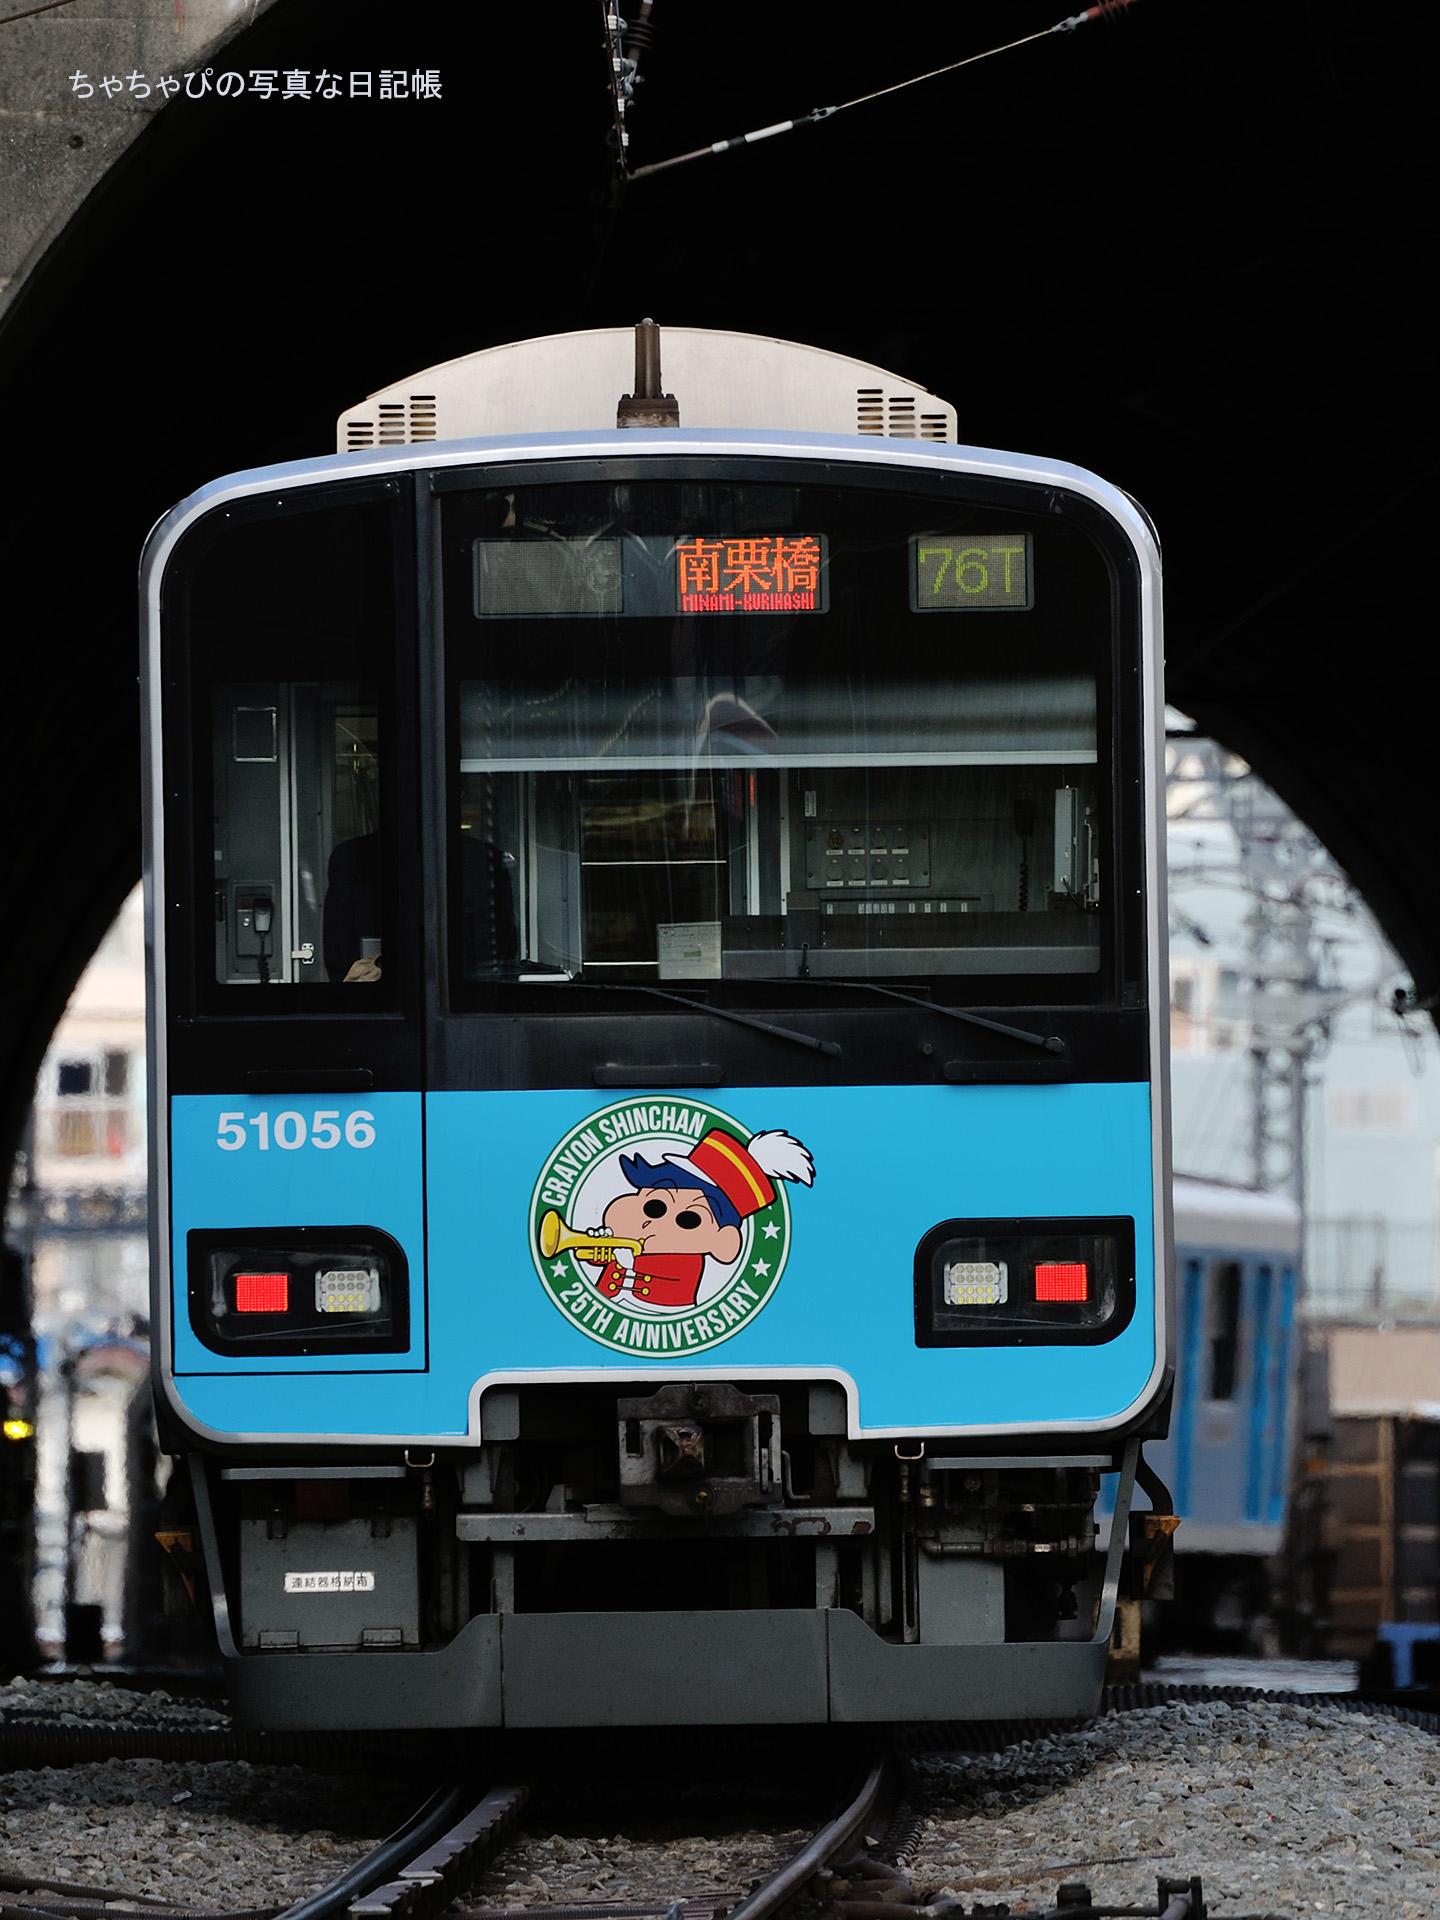 2017.01.09 東急田園都市線 梶が谷駅 50050系-78ゥ 51056編成-